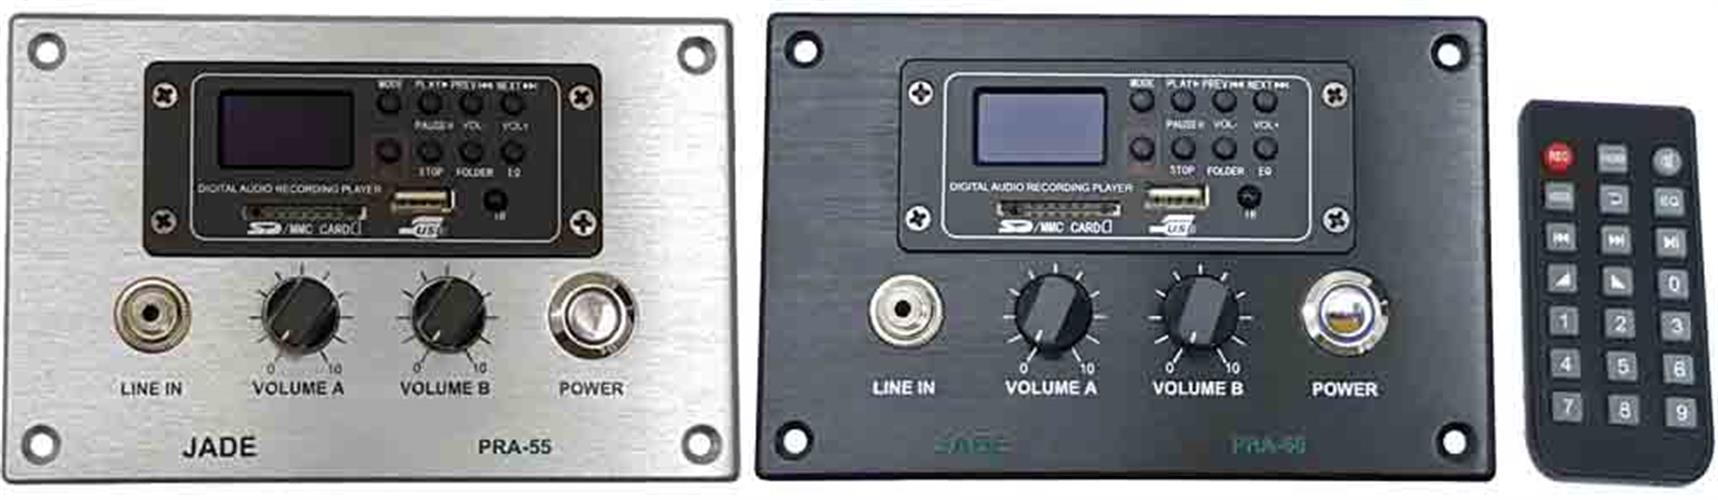 מגבר PRA55 להתקנה בקיר עם נגן USB/SD/BLUETOOTH הספק 2x20W RMS ב 8ohm.